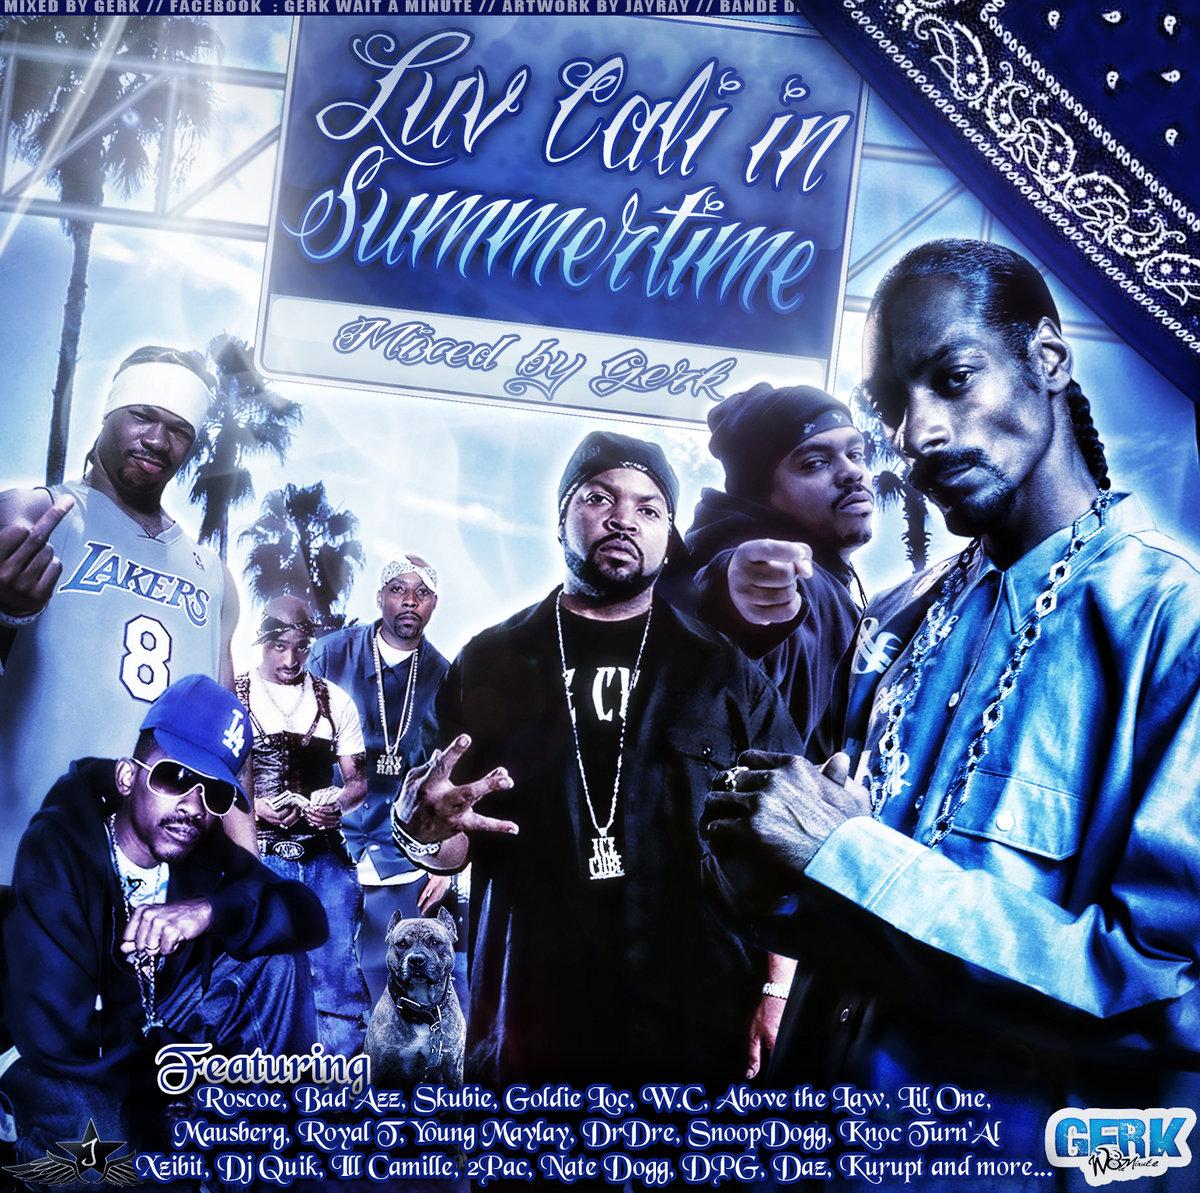 21-Snoop Dogg feat Nate Dogg Boss' Life | Gerk W8 a Minute